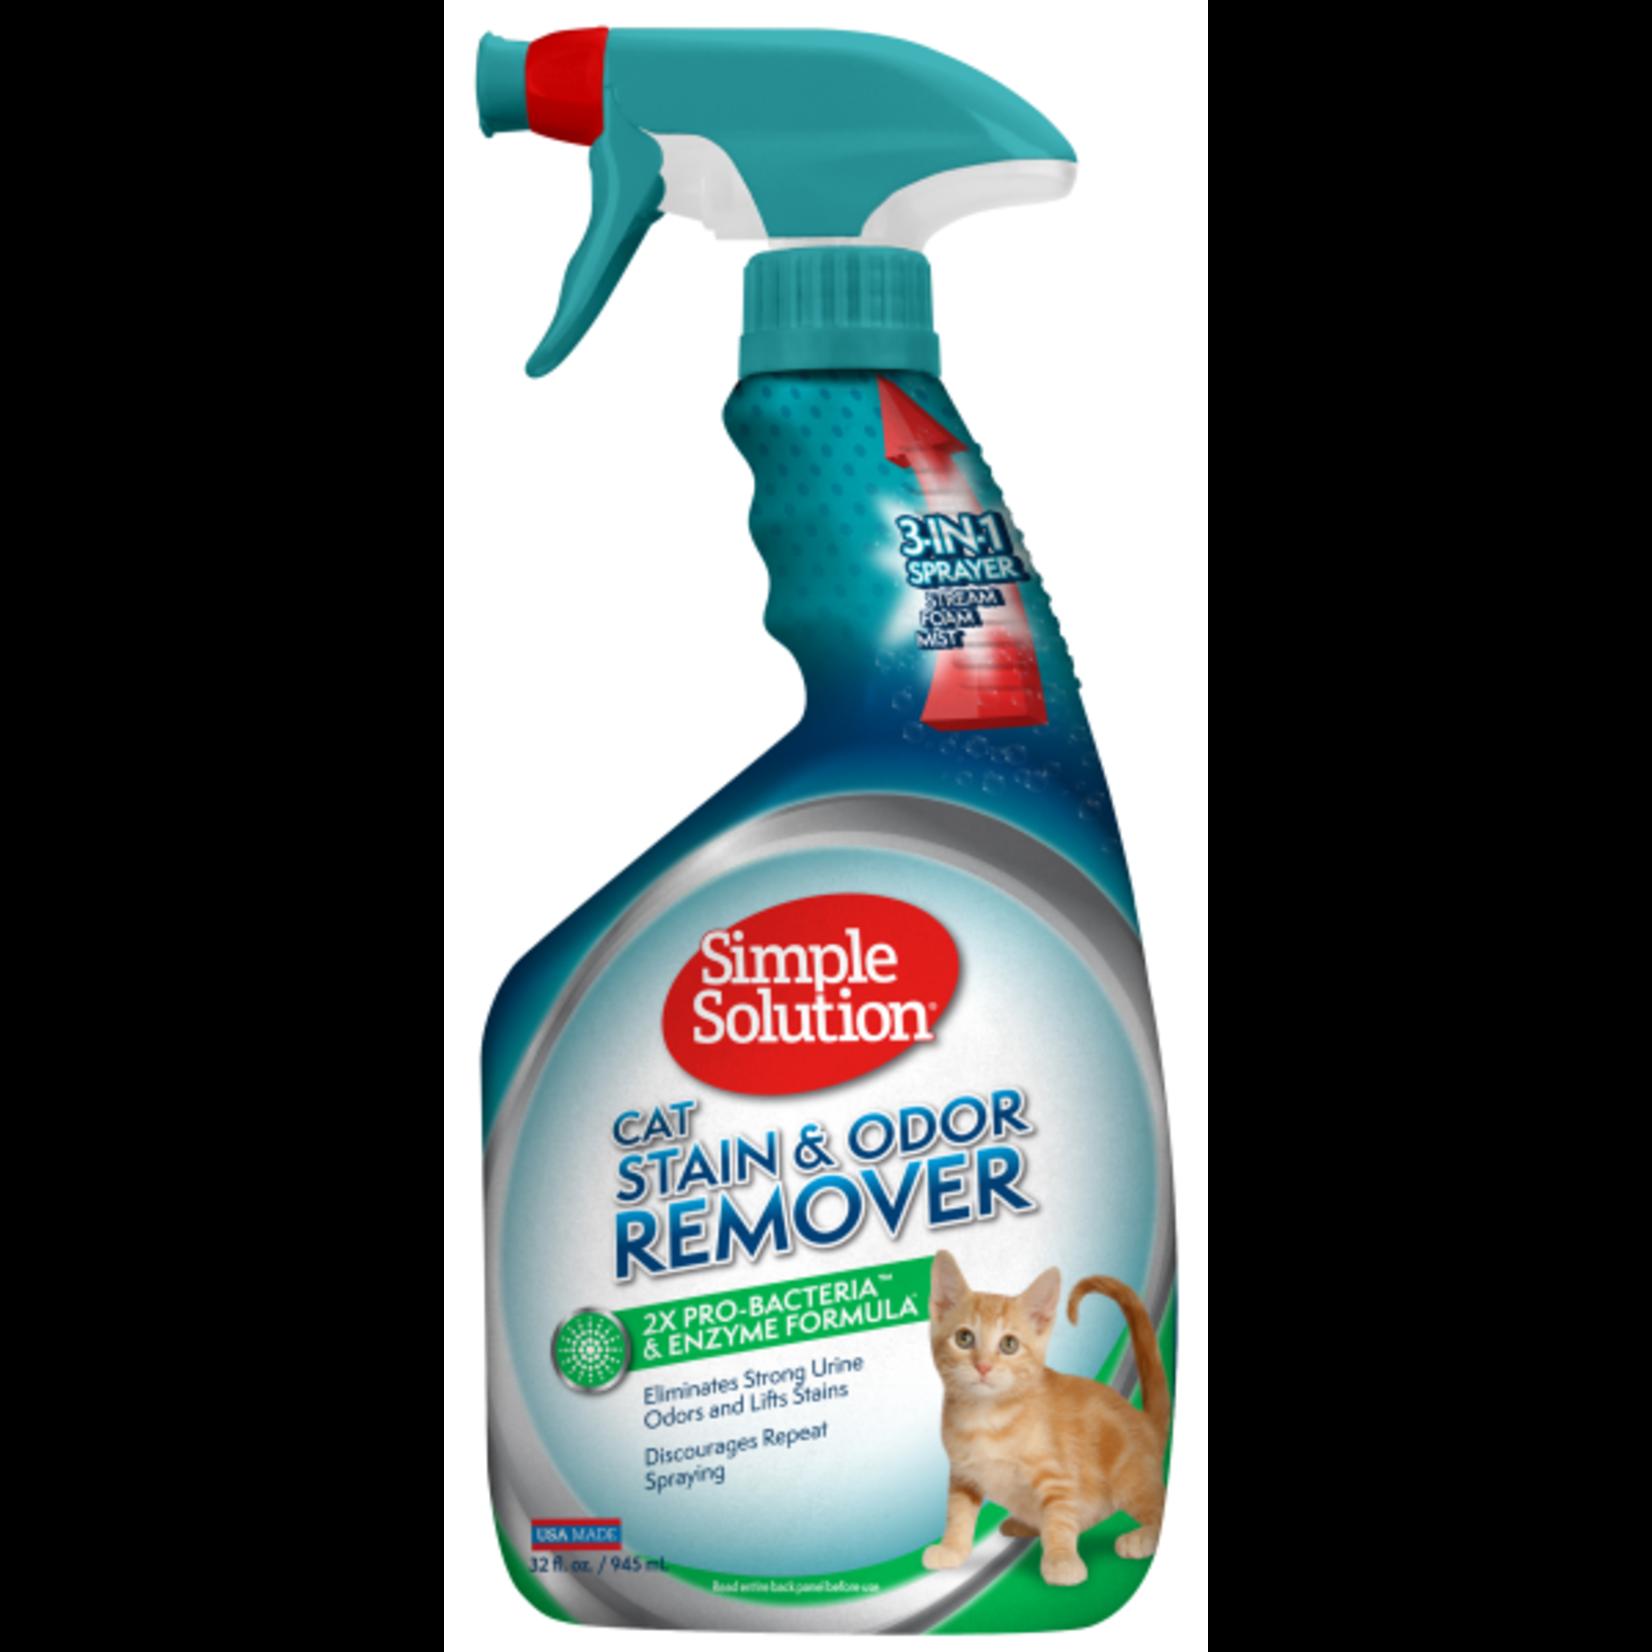 Stain & Odor remover spray 32 oz cat